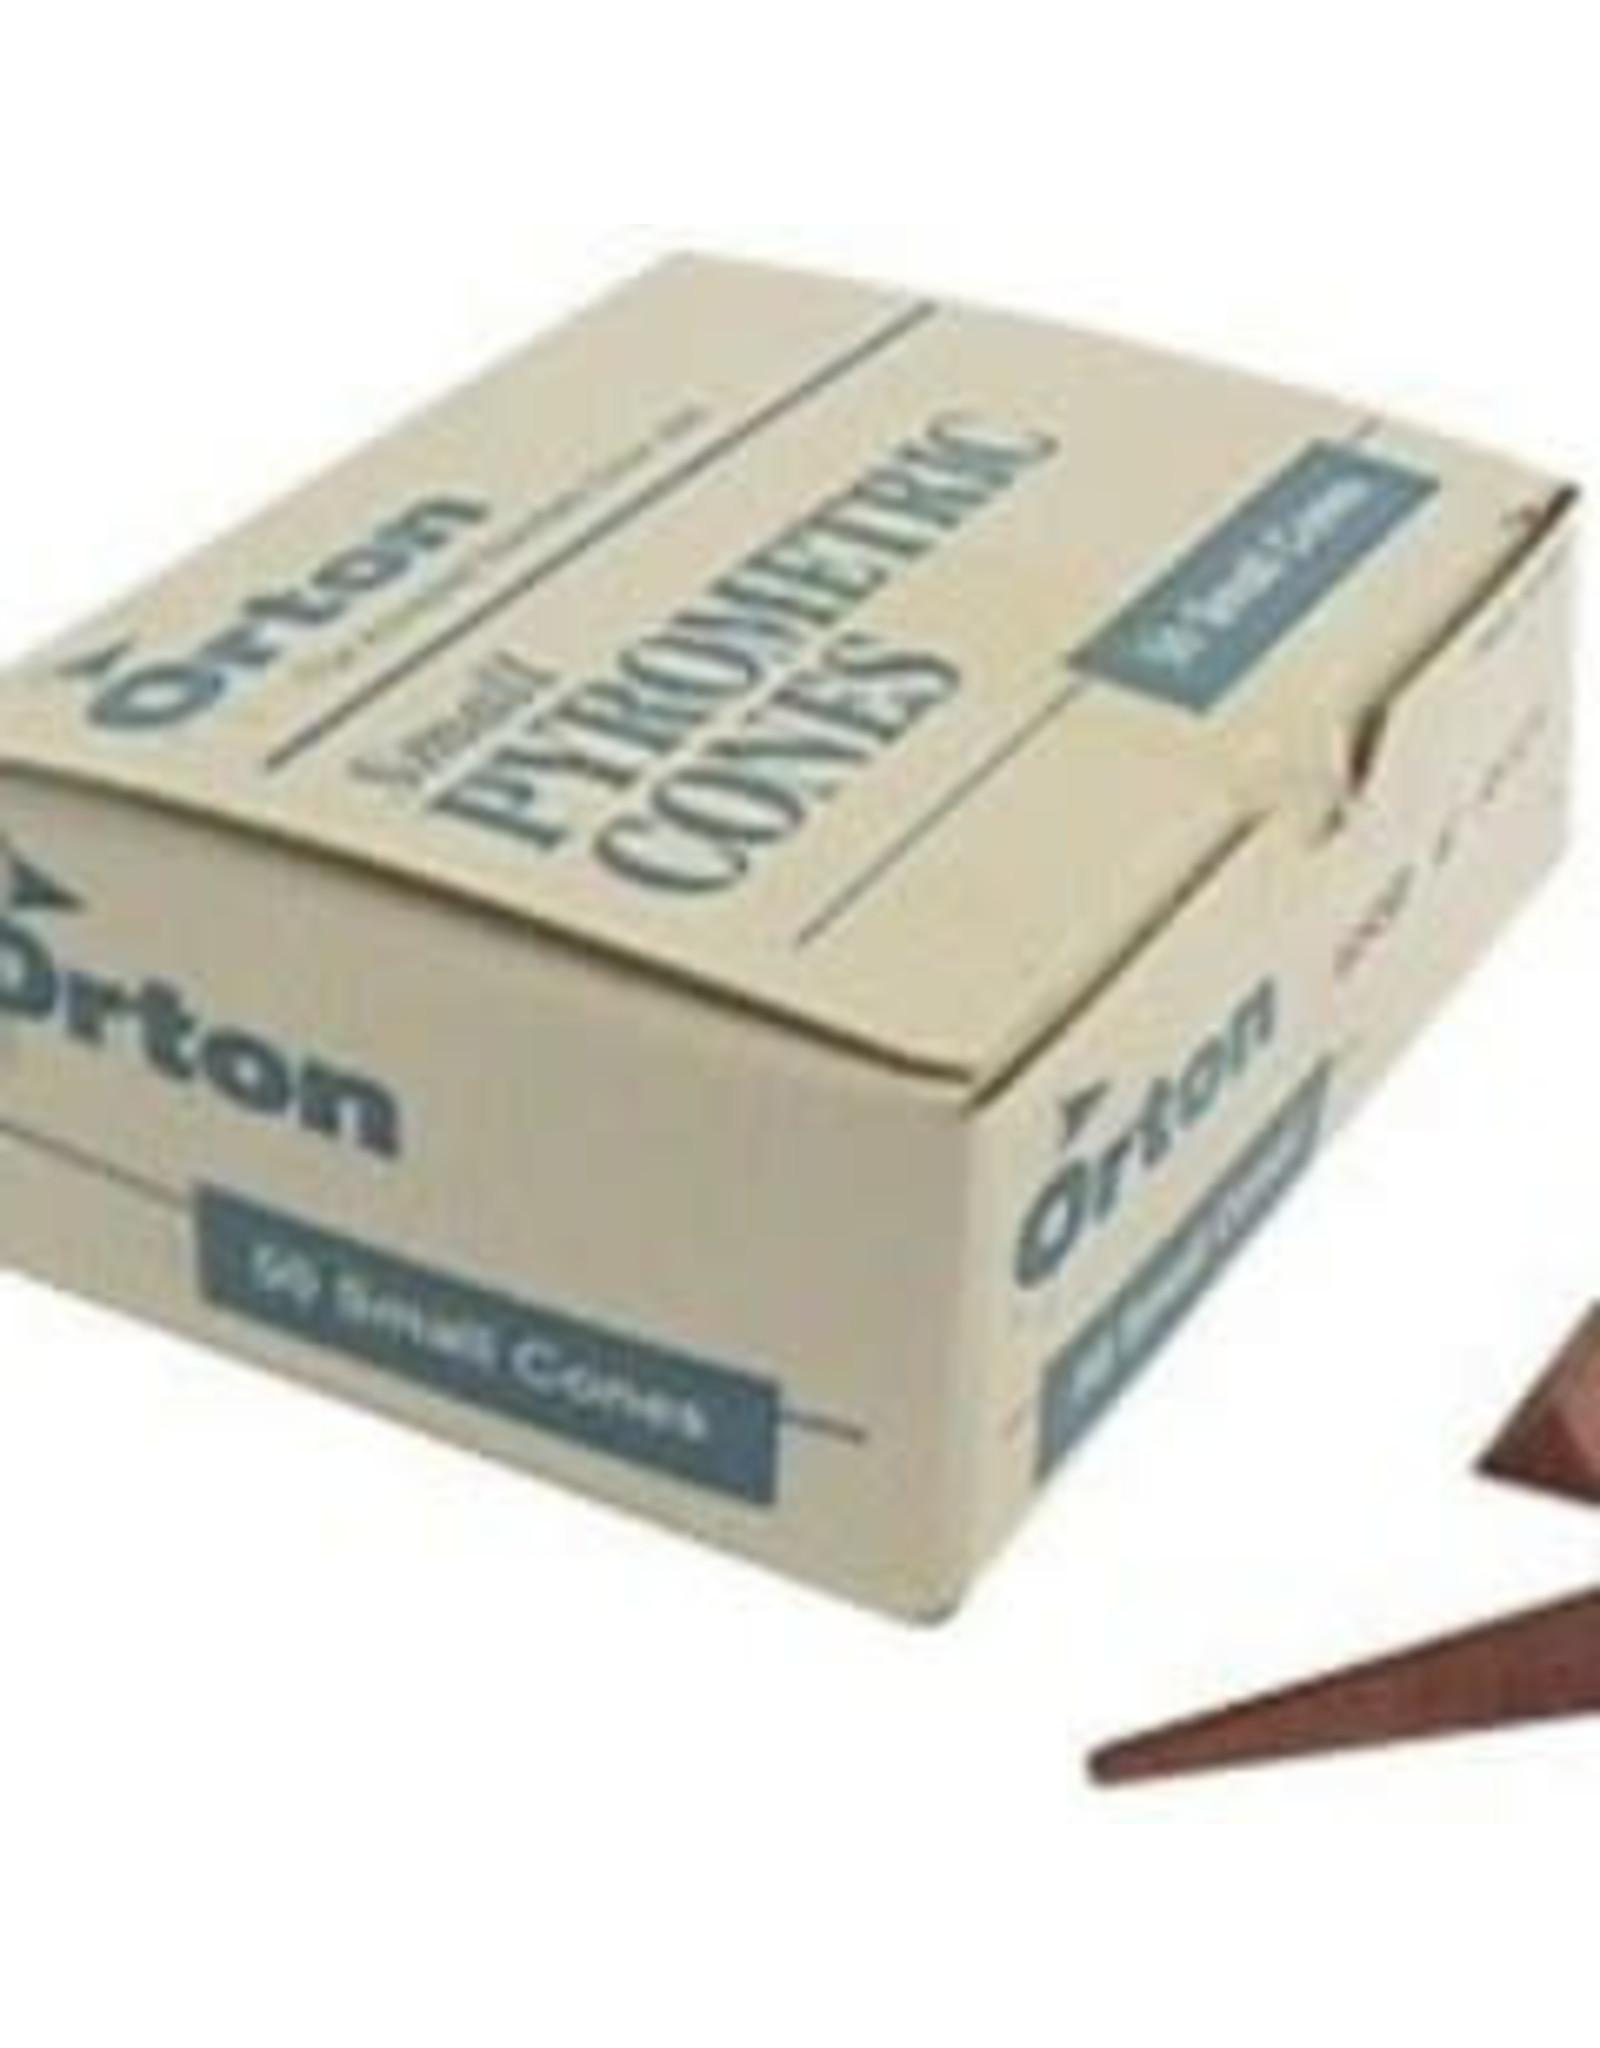 Orton small cone 018 (x50)